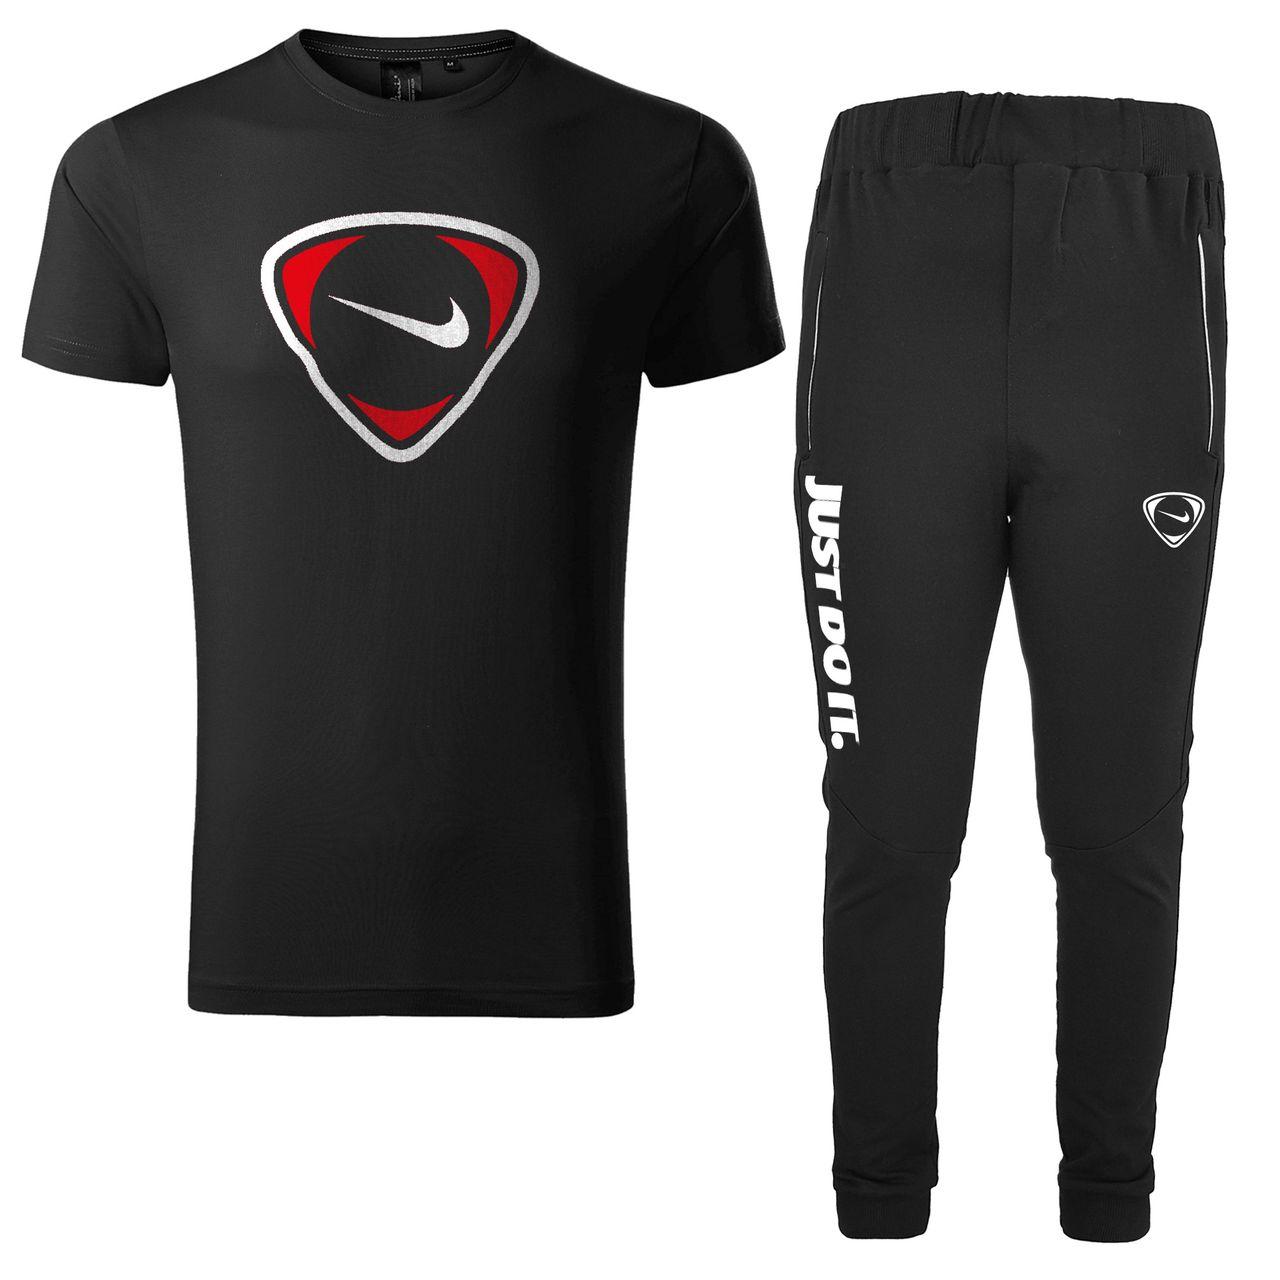 ست تی شرت و شلوار ورزشی مردانه کد 903033 رنگ مشکی                     غیر اصل